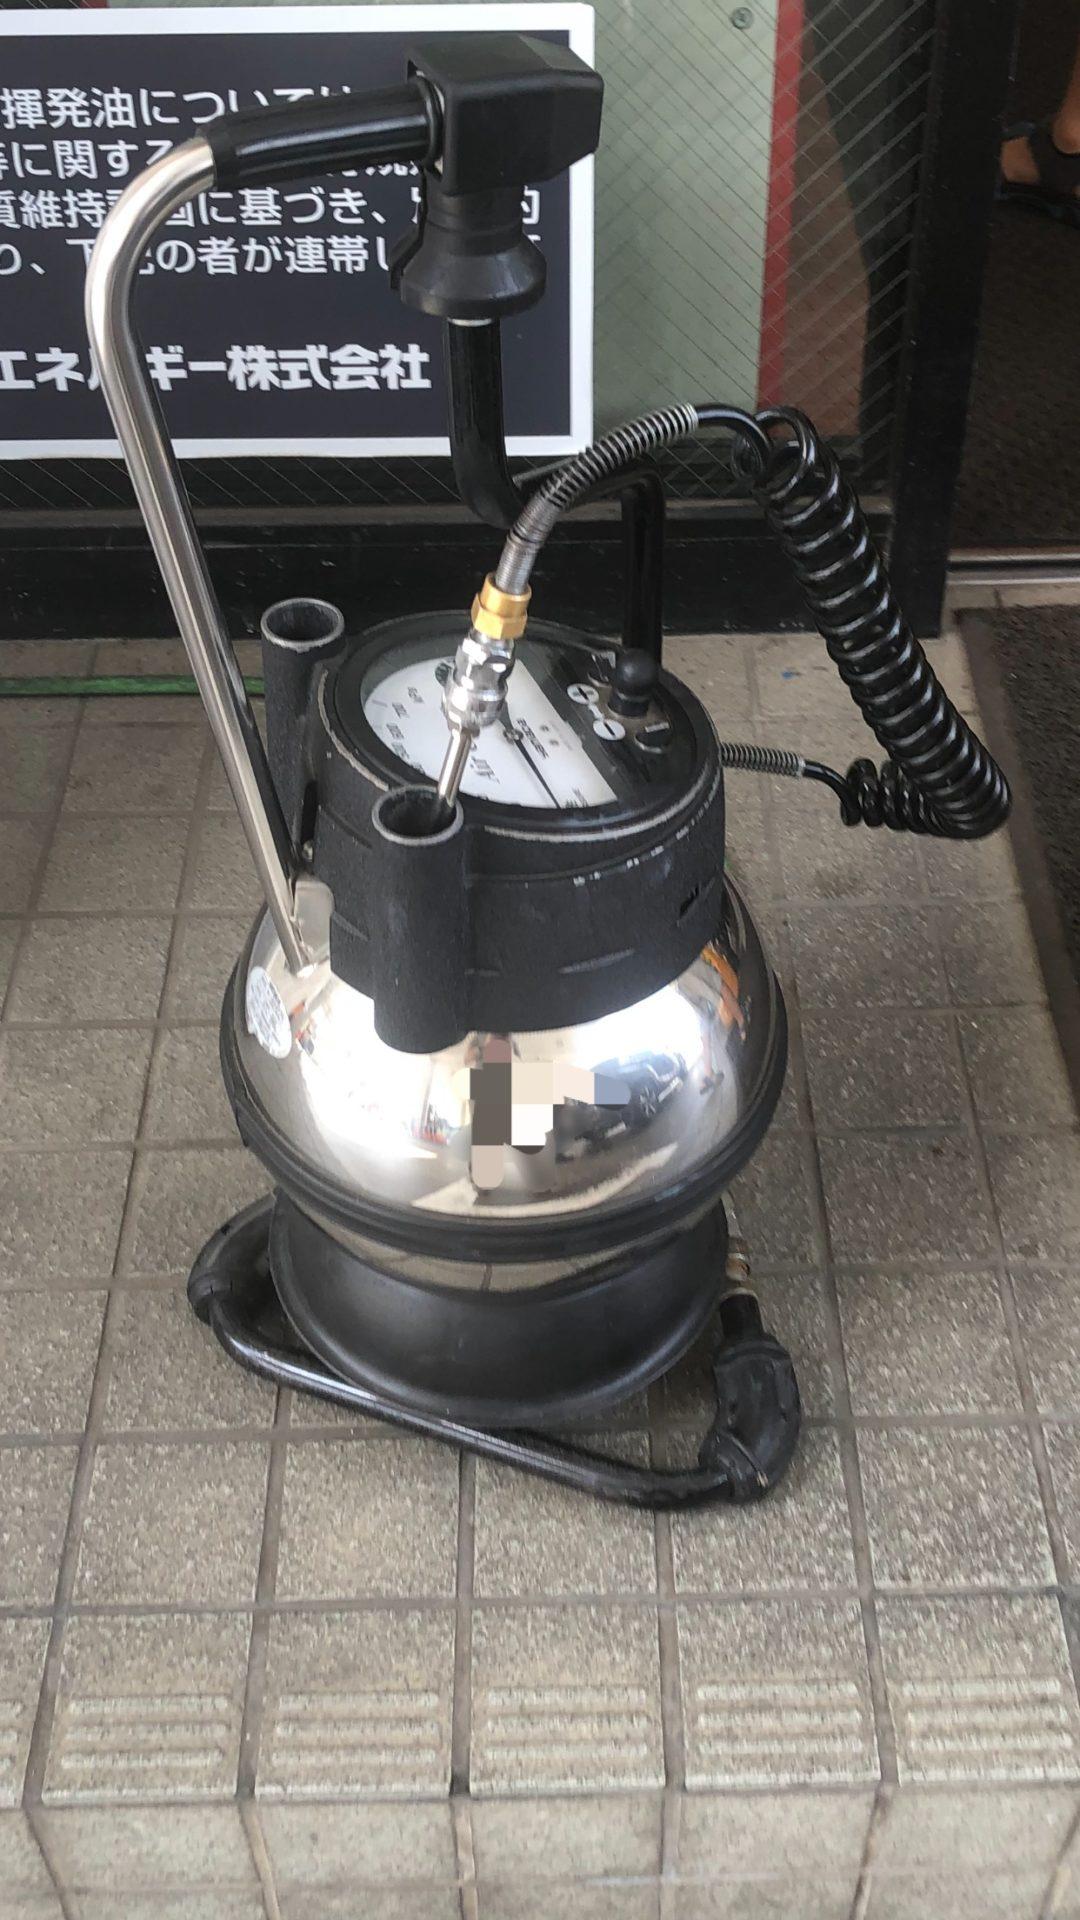 空気圧を入れる機械